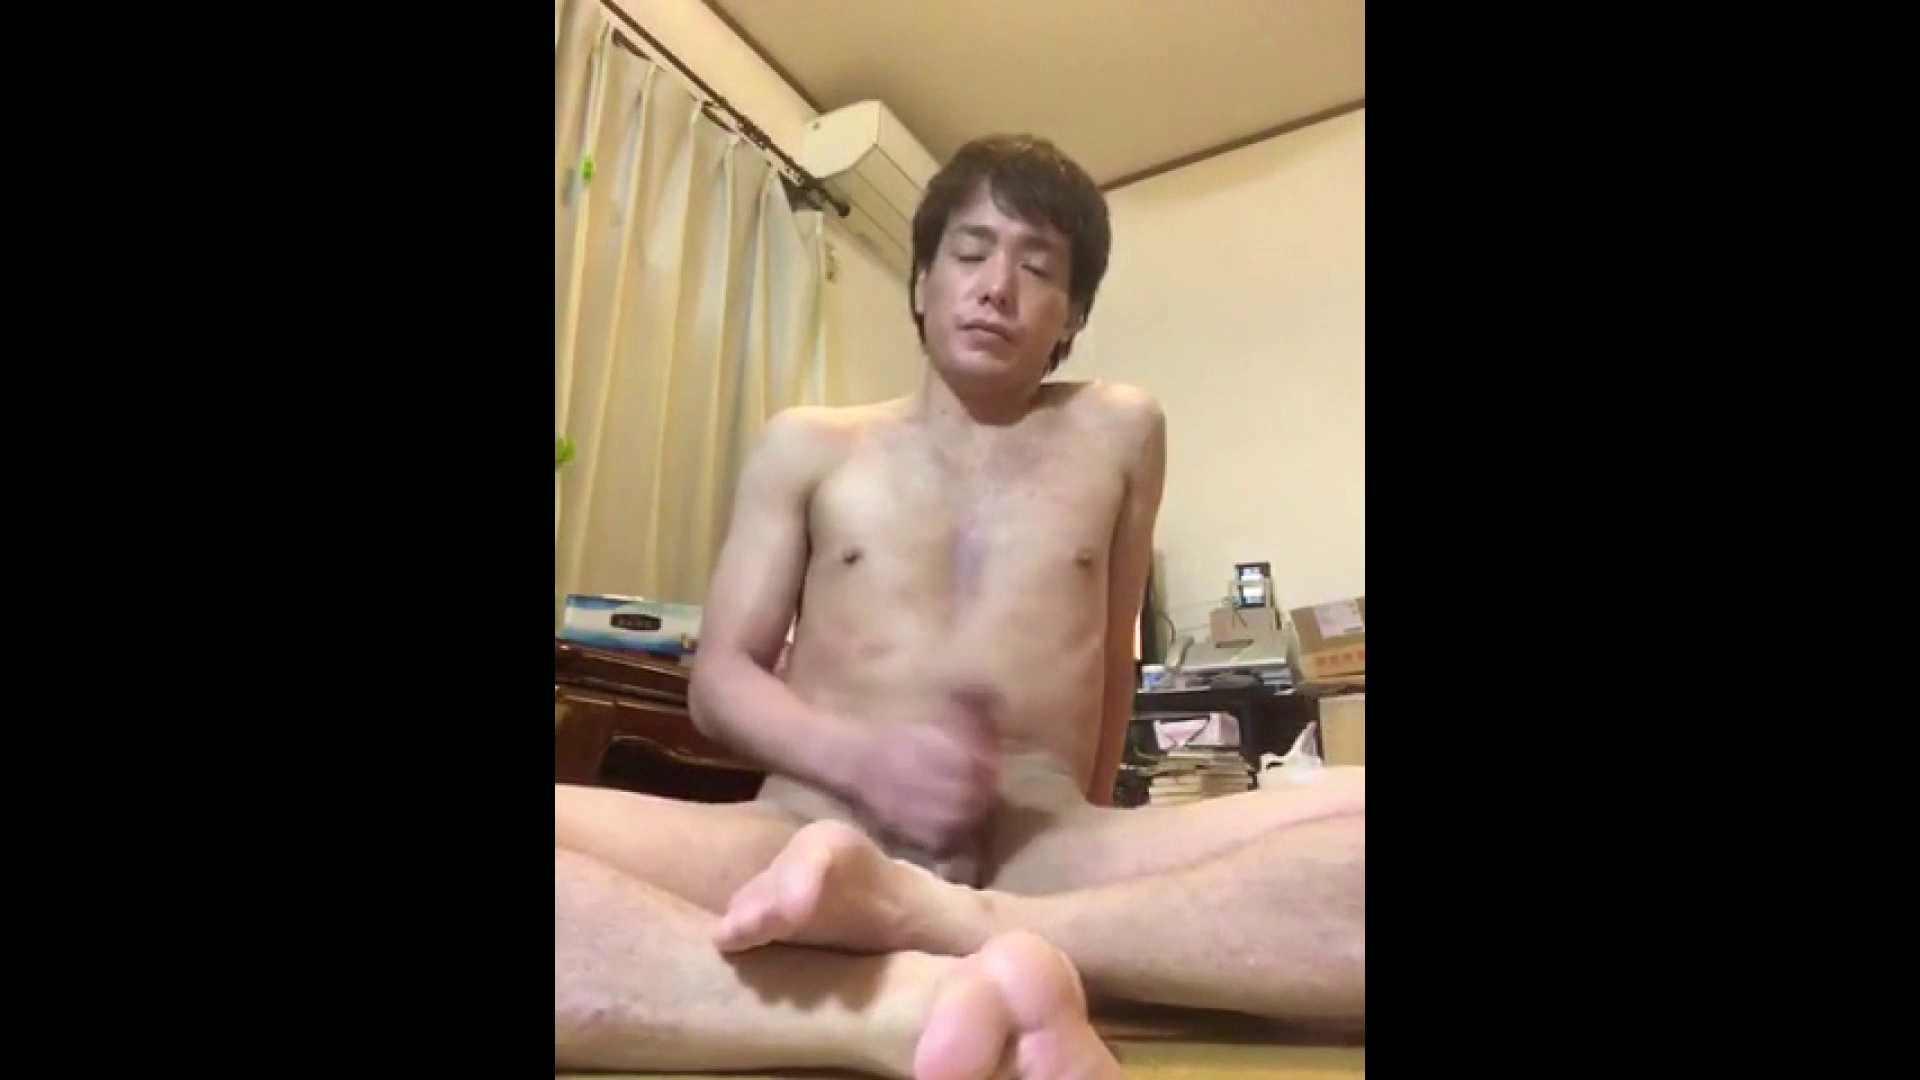 個人撮影 自慰の極意 Vol.30 モザイク無し ゲイエロ動画 87pic 4